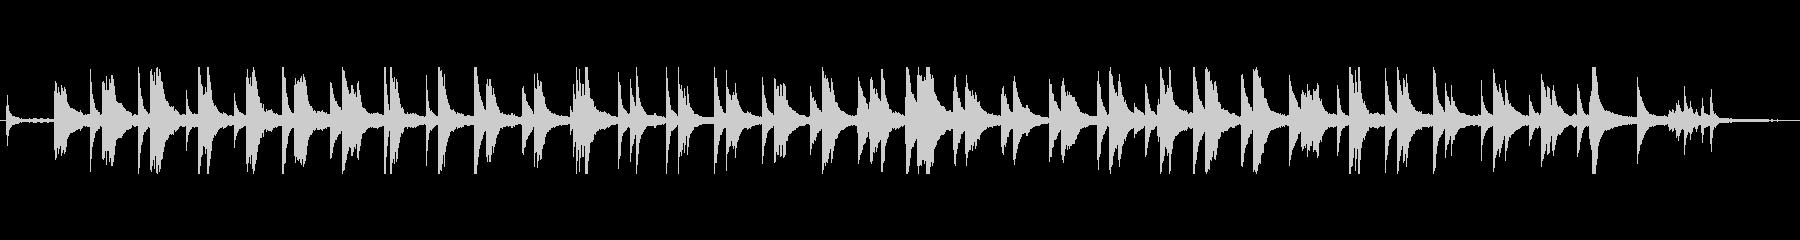 ミステリー、ホラーな雰囲気のピアノ&SEの未再生の波形